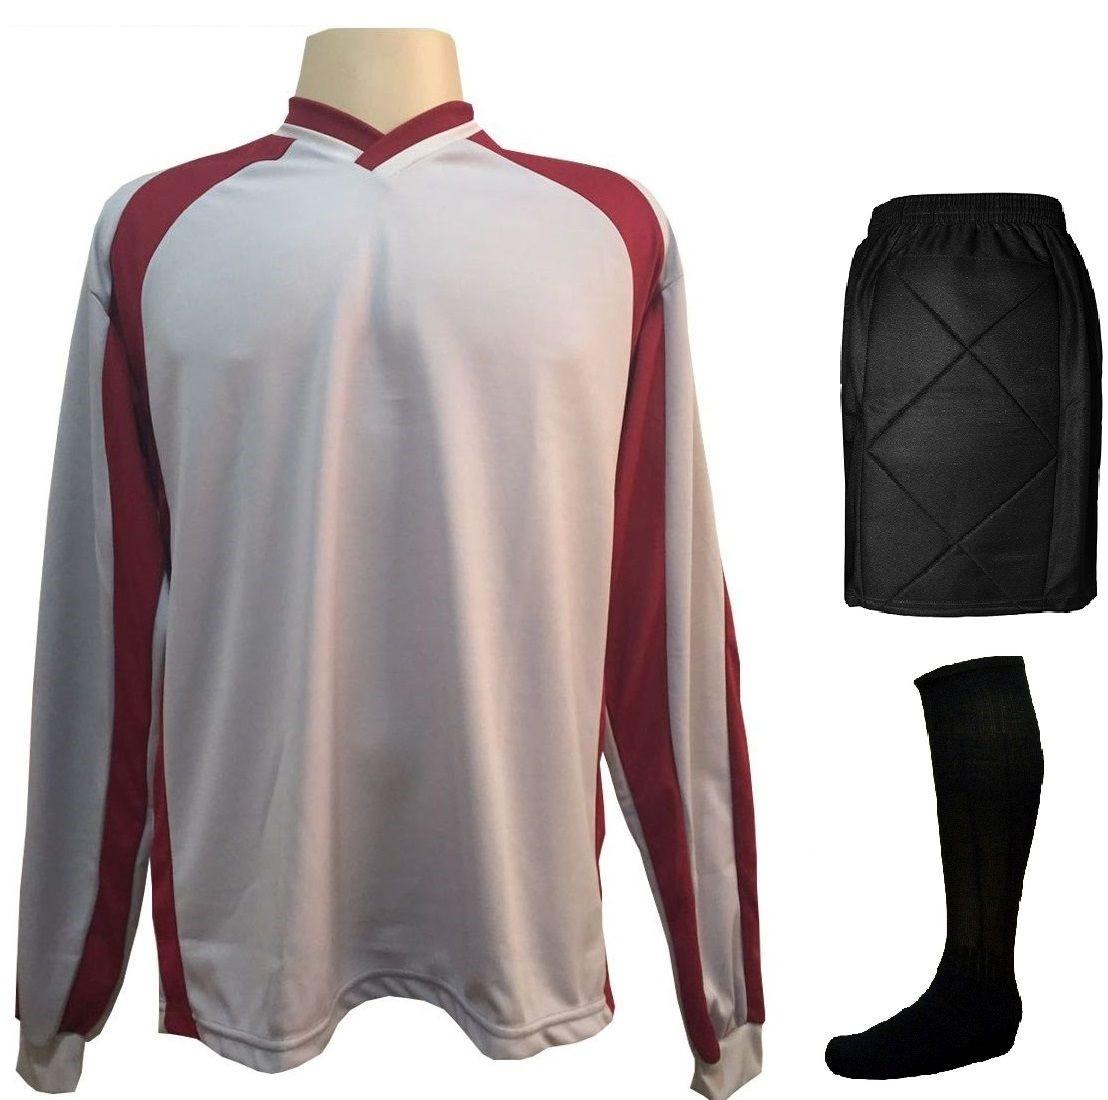 Fardamento Completo modelo City 18+1 (18 Camisas Vermelho/Branco + 18 Calções Madrid Royal + 18 Pares de Meiões Brancos + 1 Conjunto de Goleiro) + Brindes